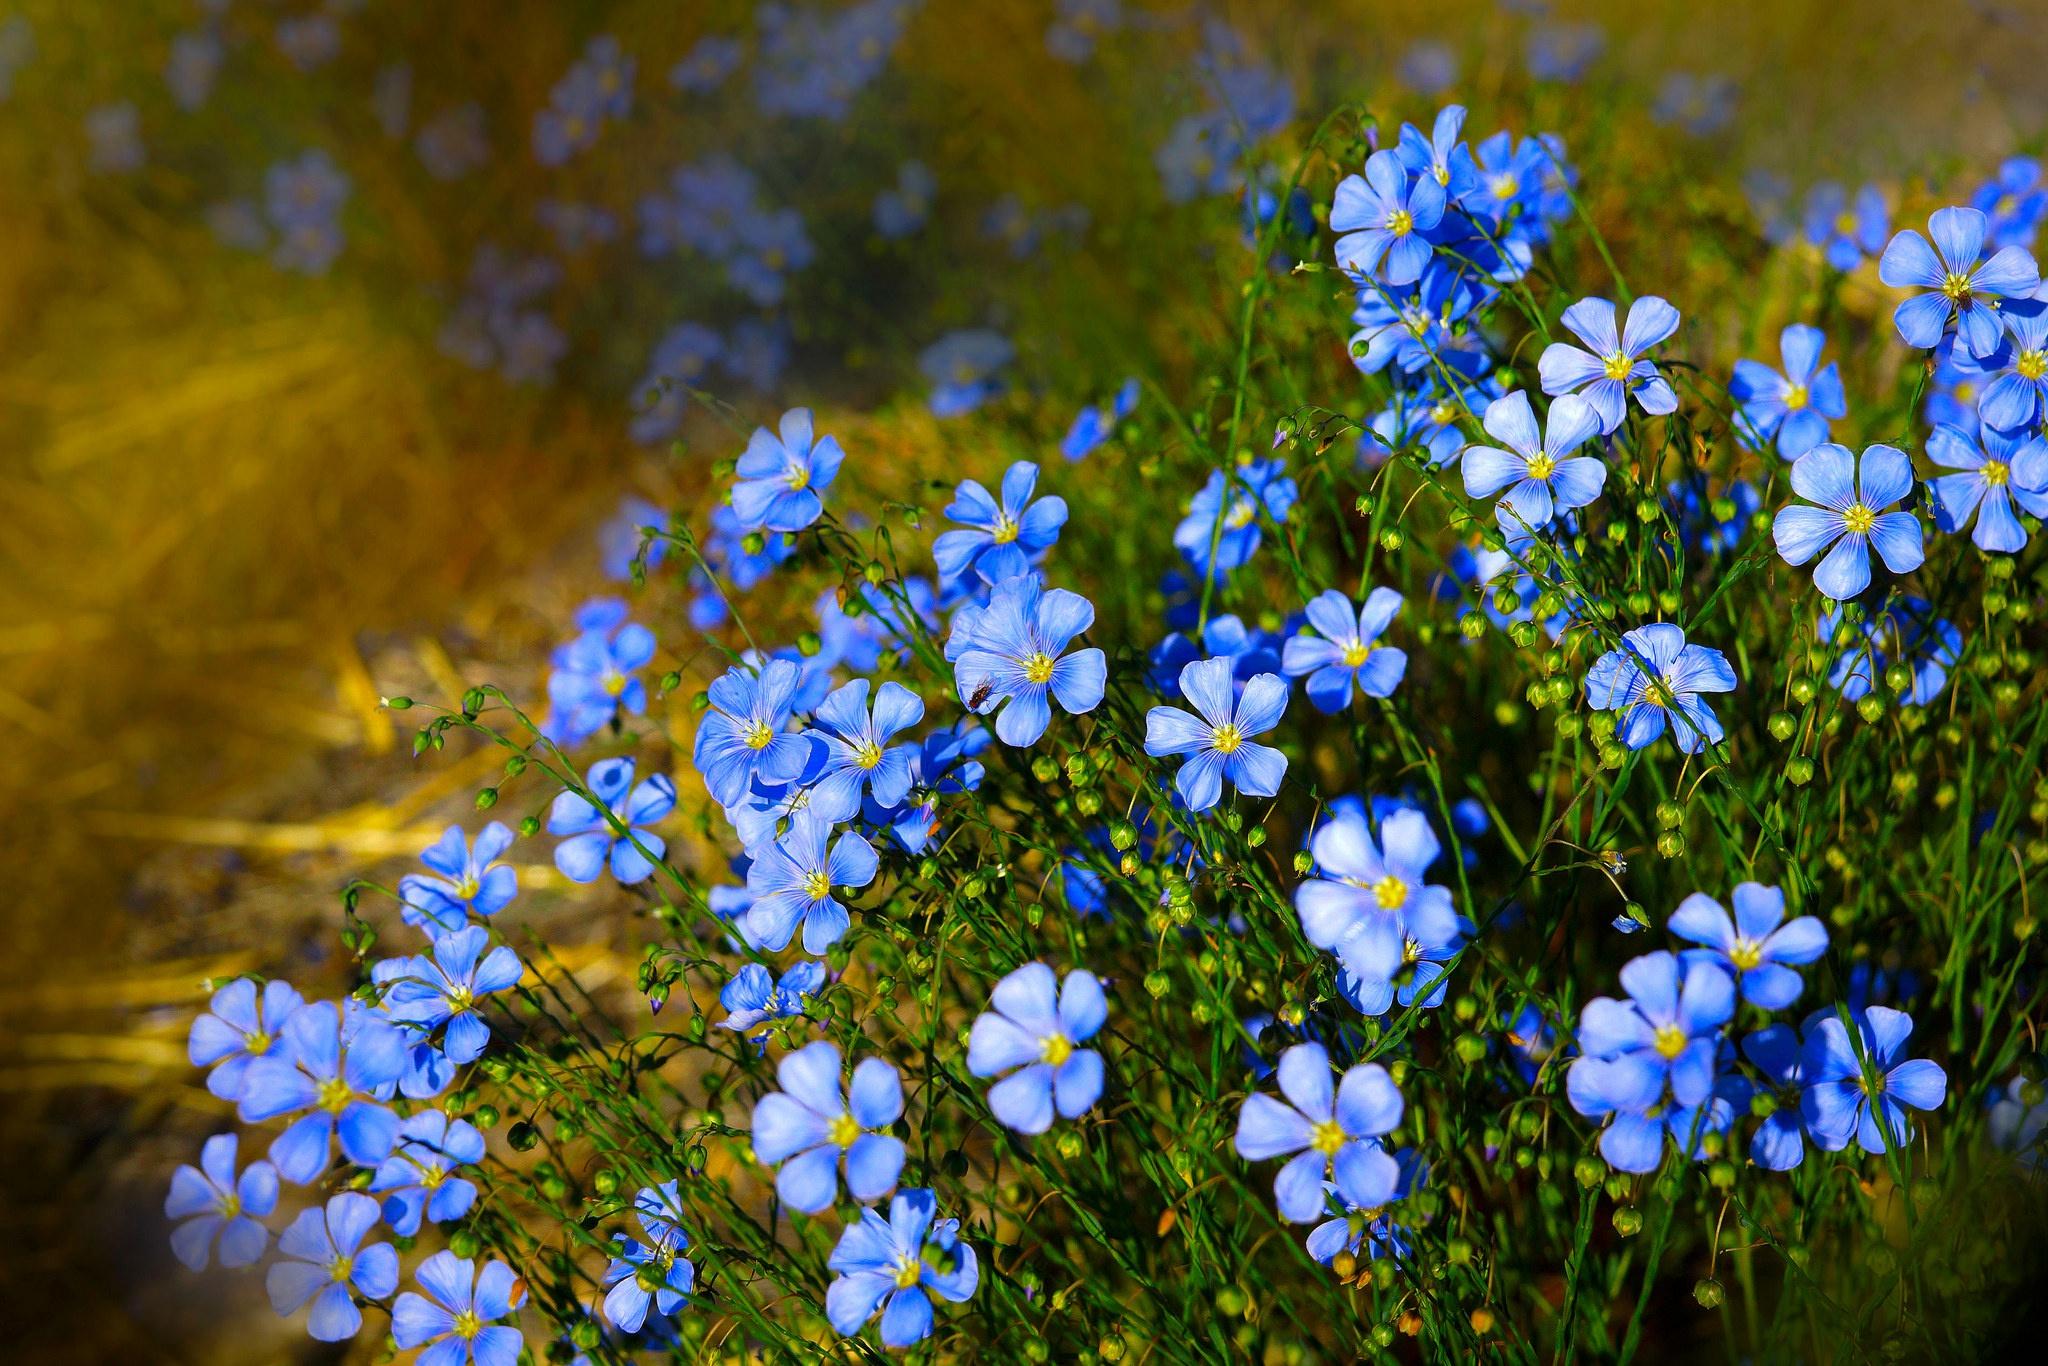 красивые картинки полевых цветов на рабочий отличается всем известной